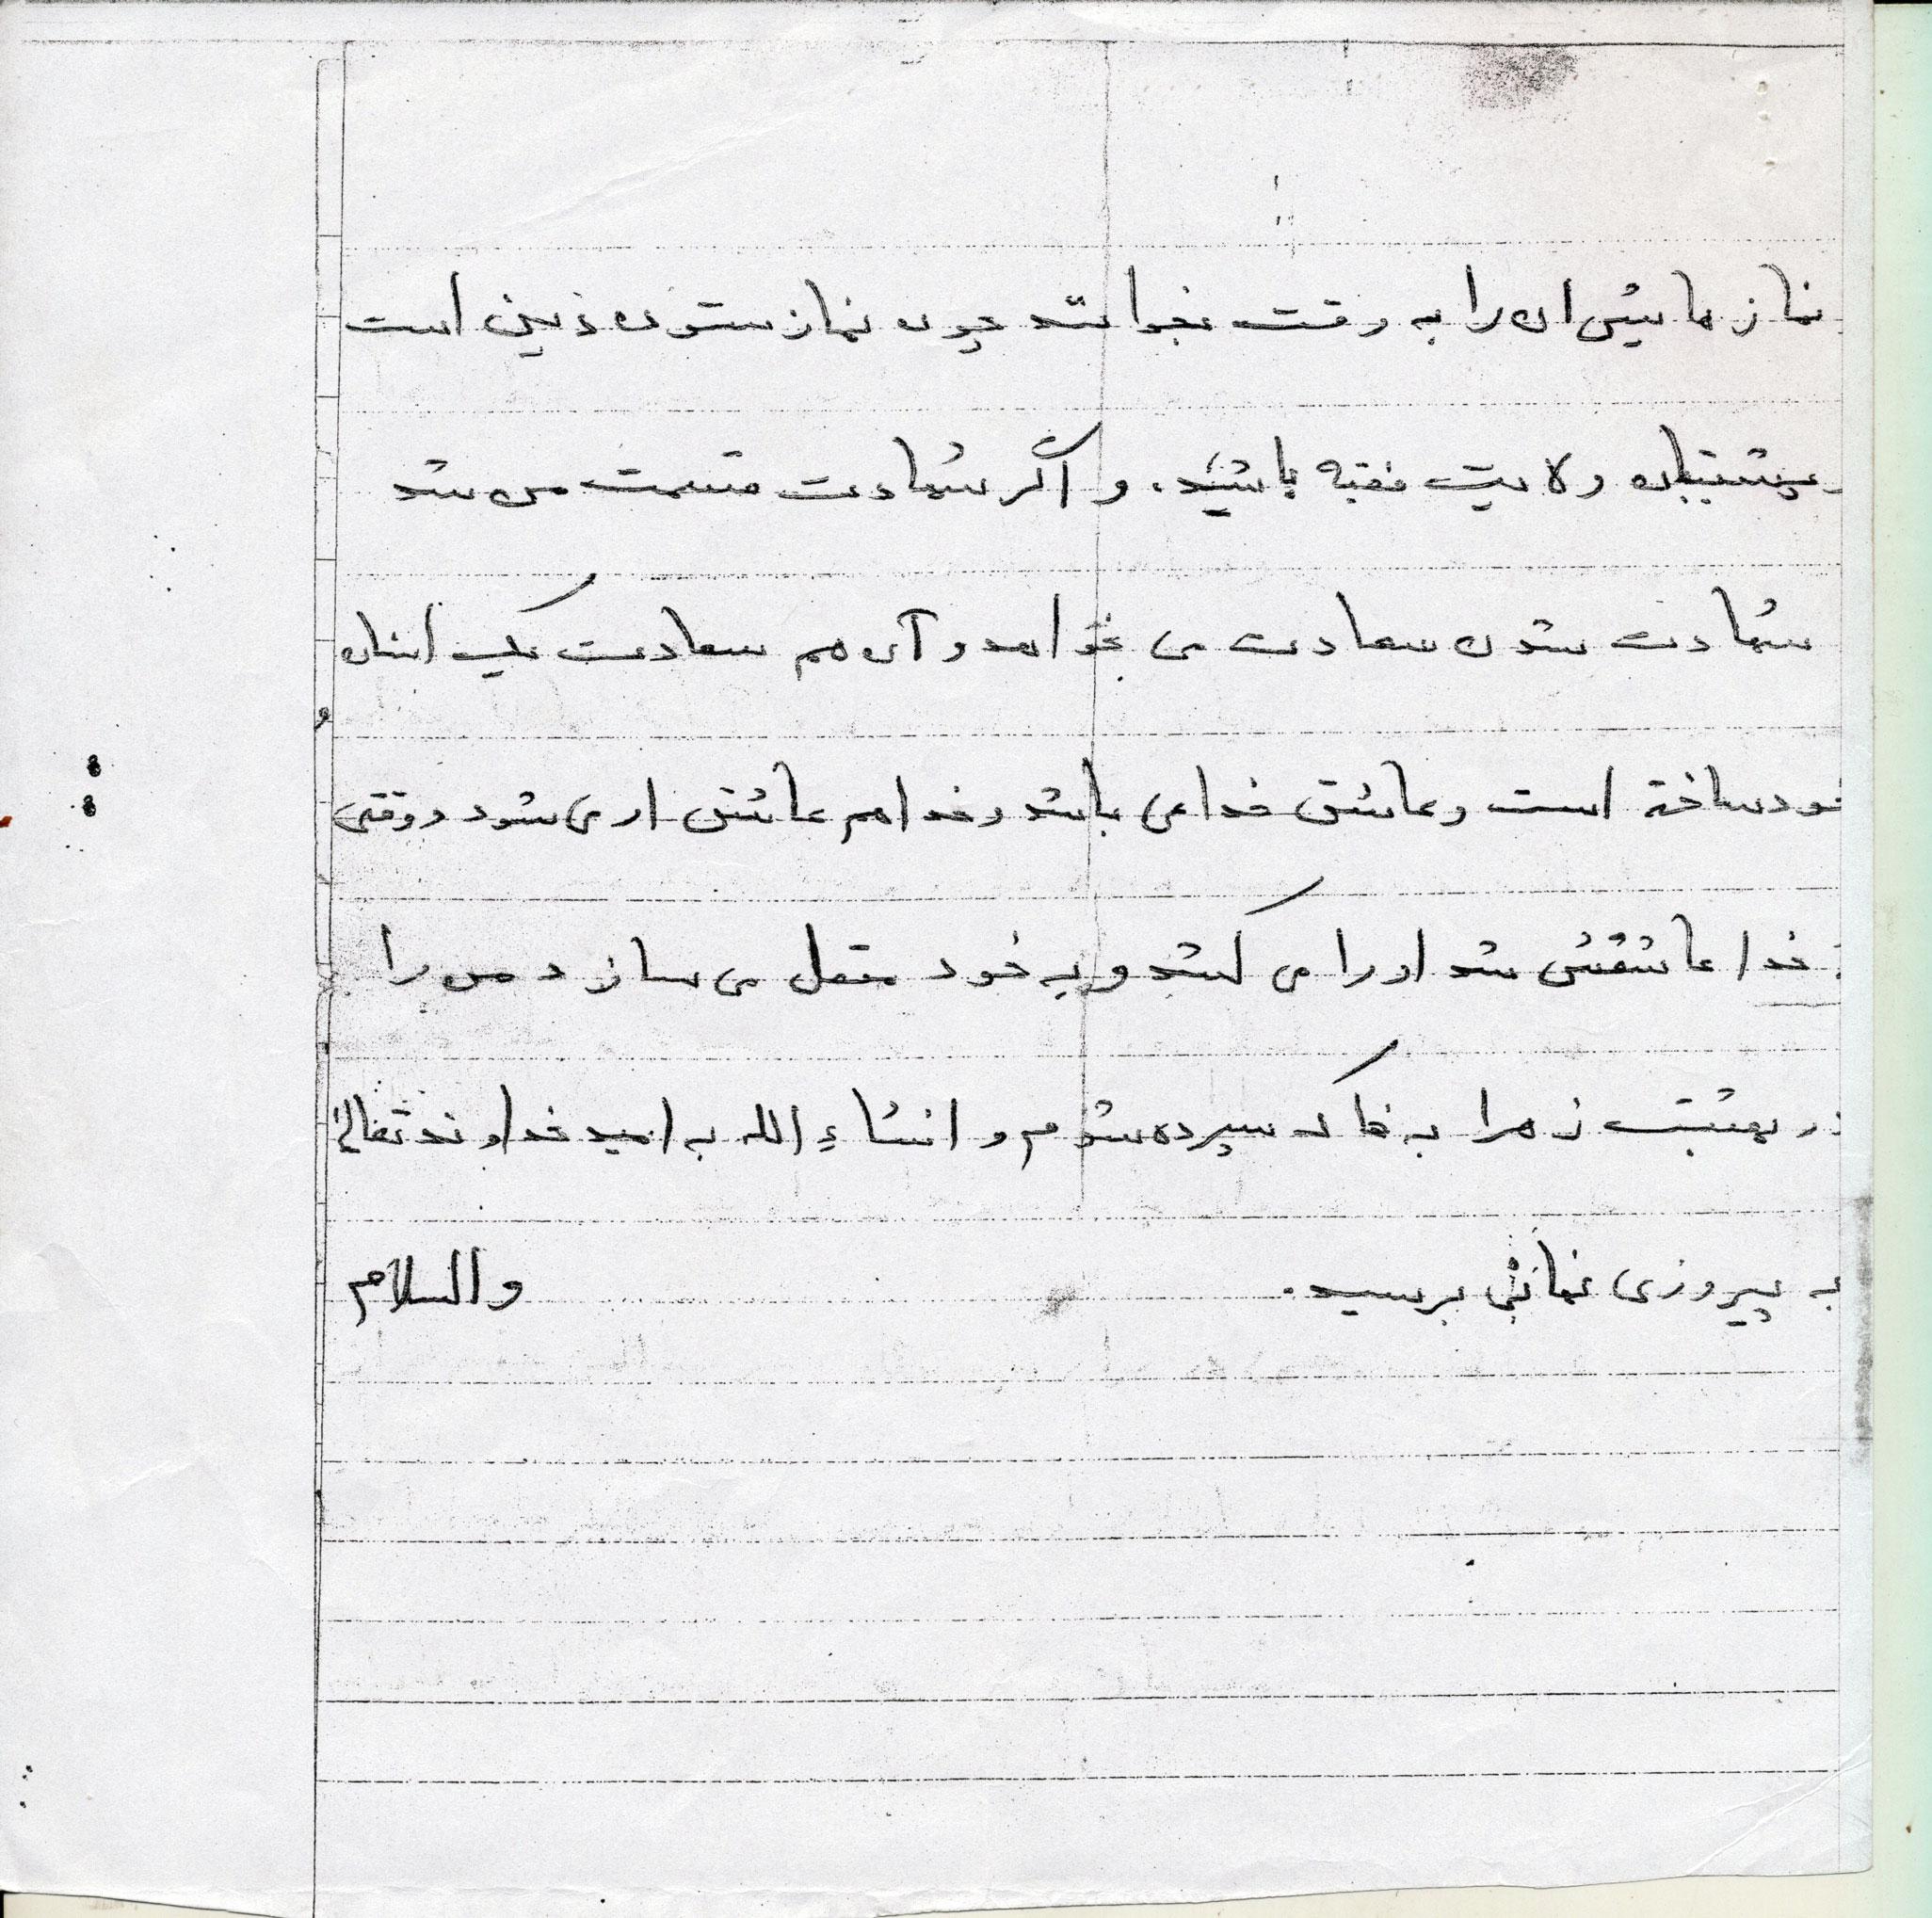 وصیتنامه پاسدار شهید عبدالحمید رحیمی/ نمازهایتان را به وقت بخوانید